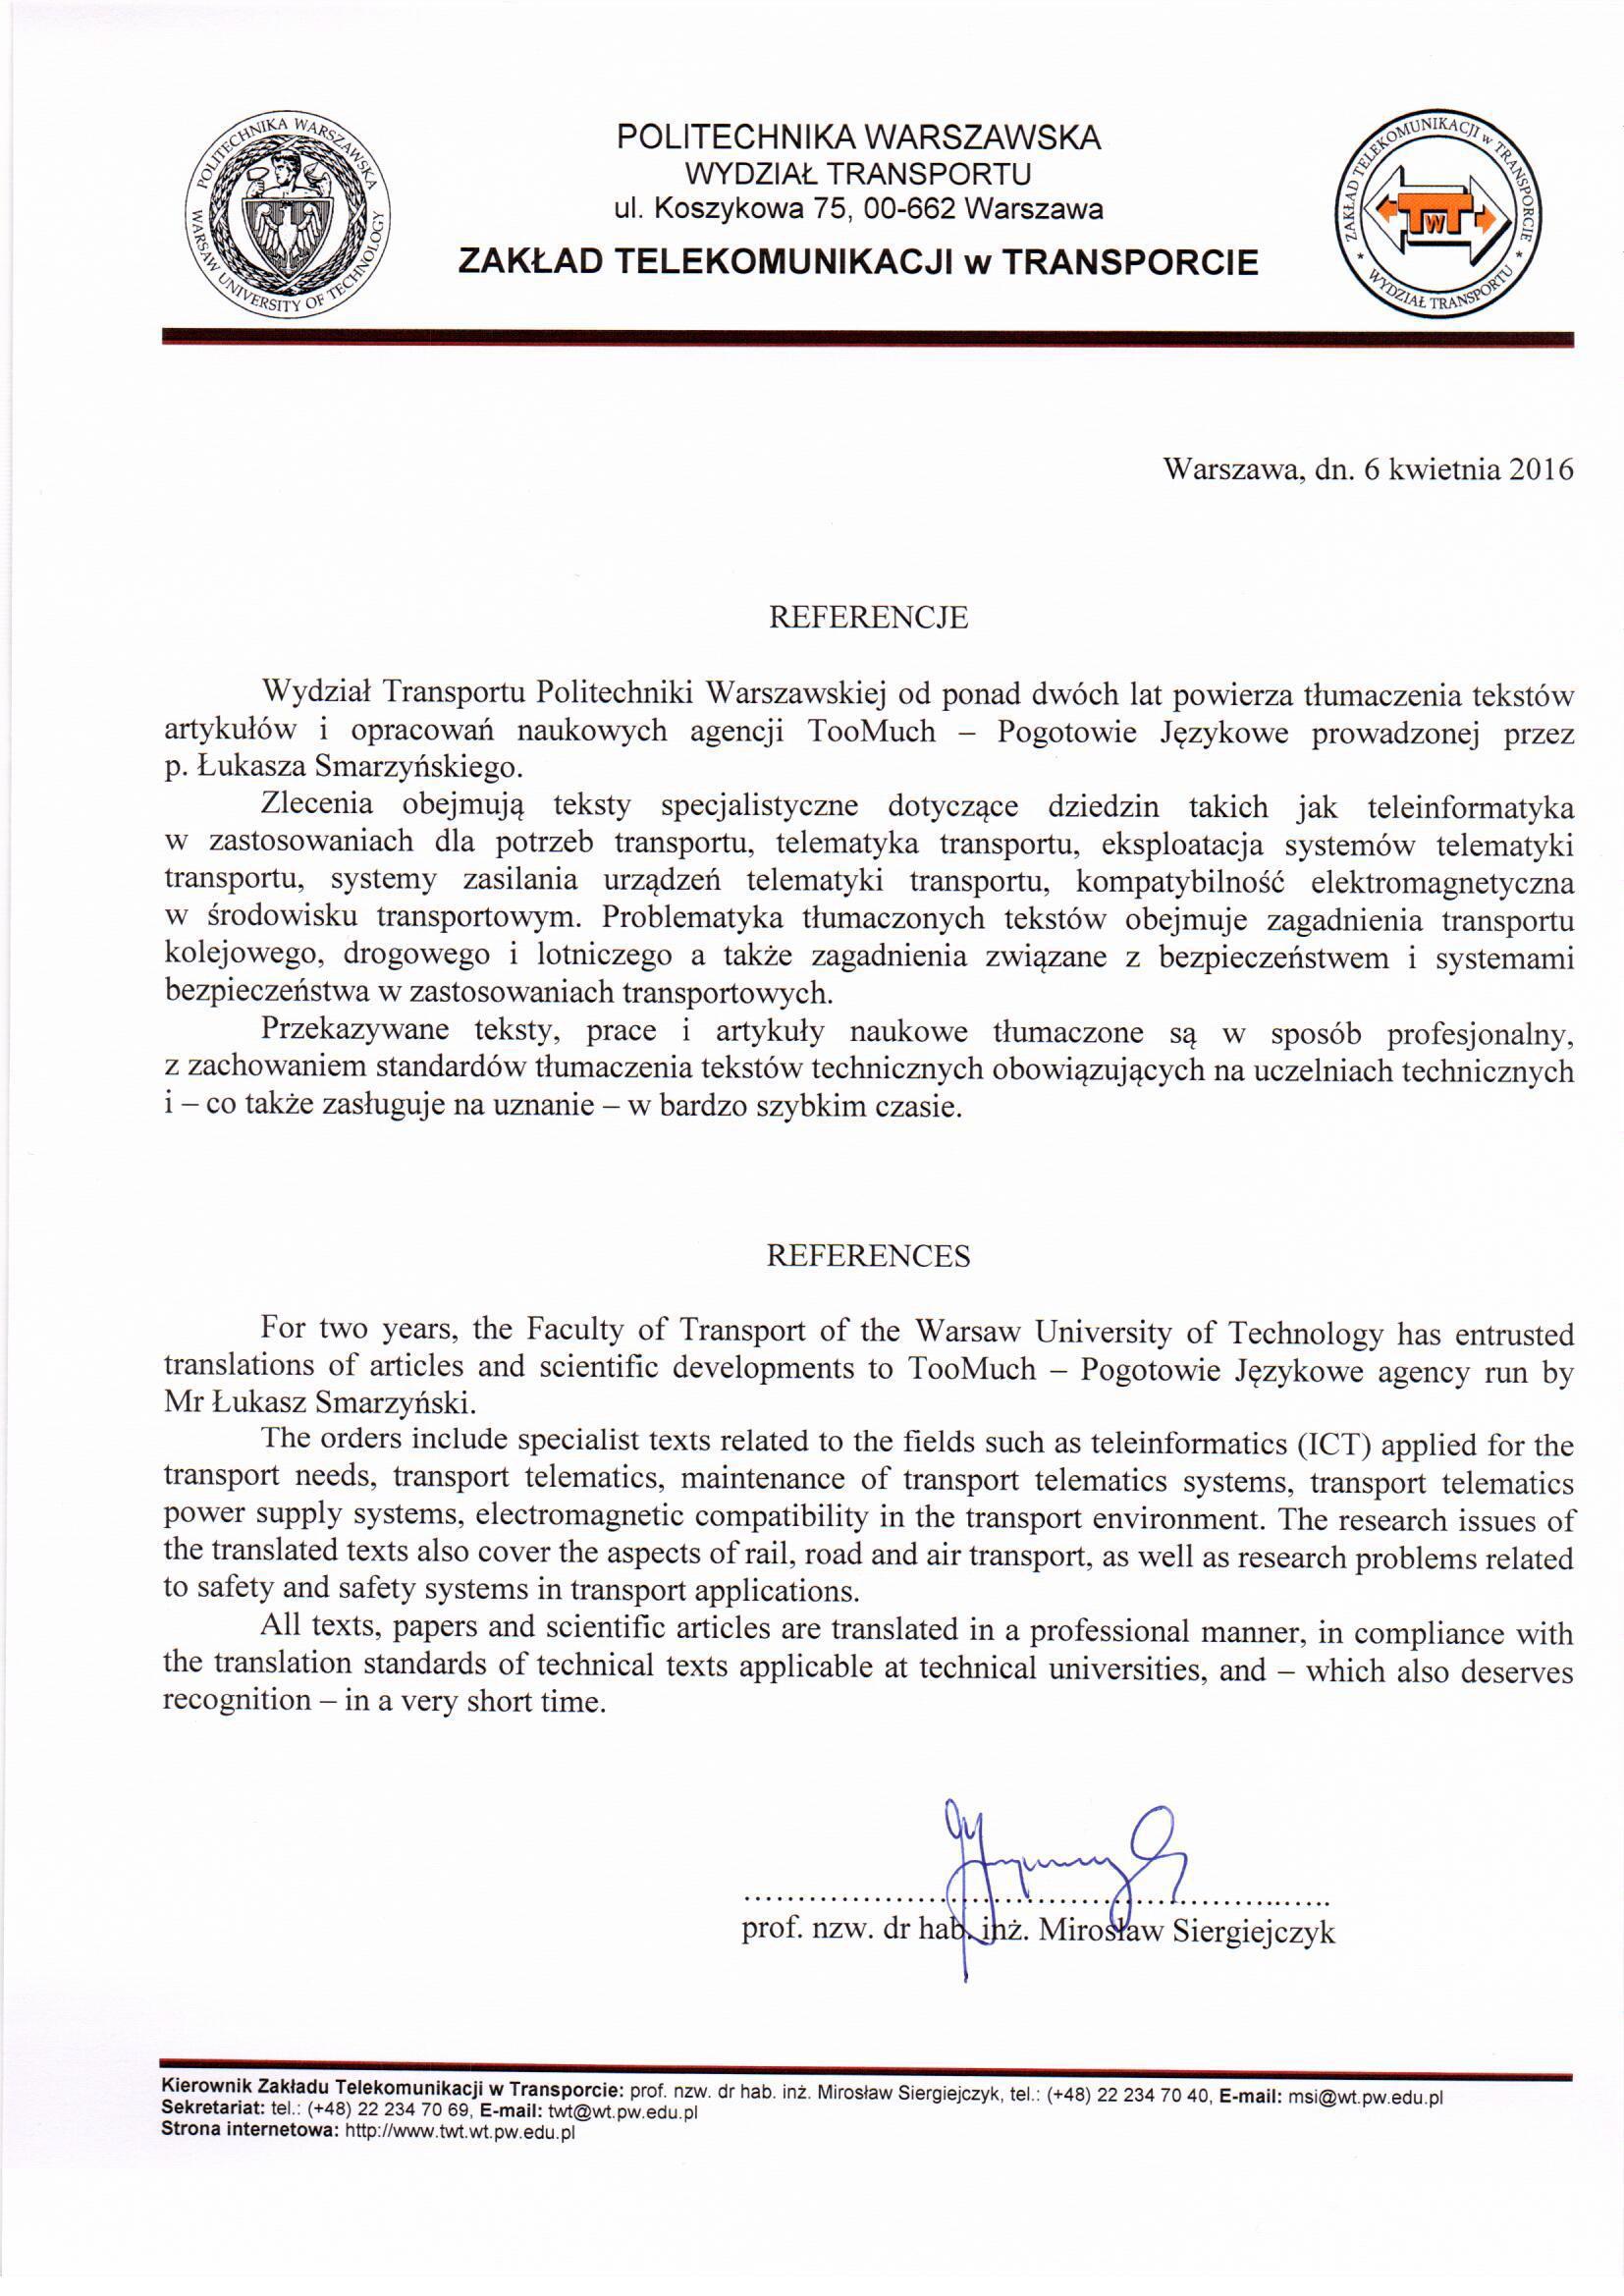 Referencje Politechnika Warszawska